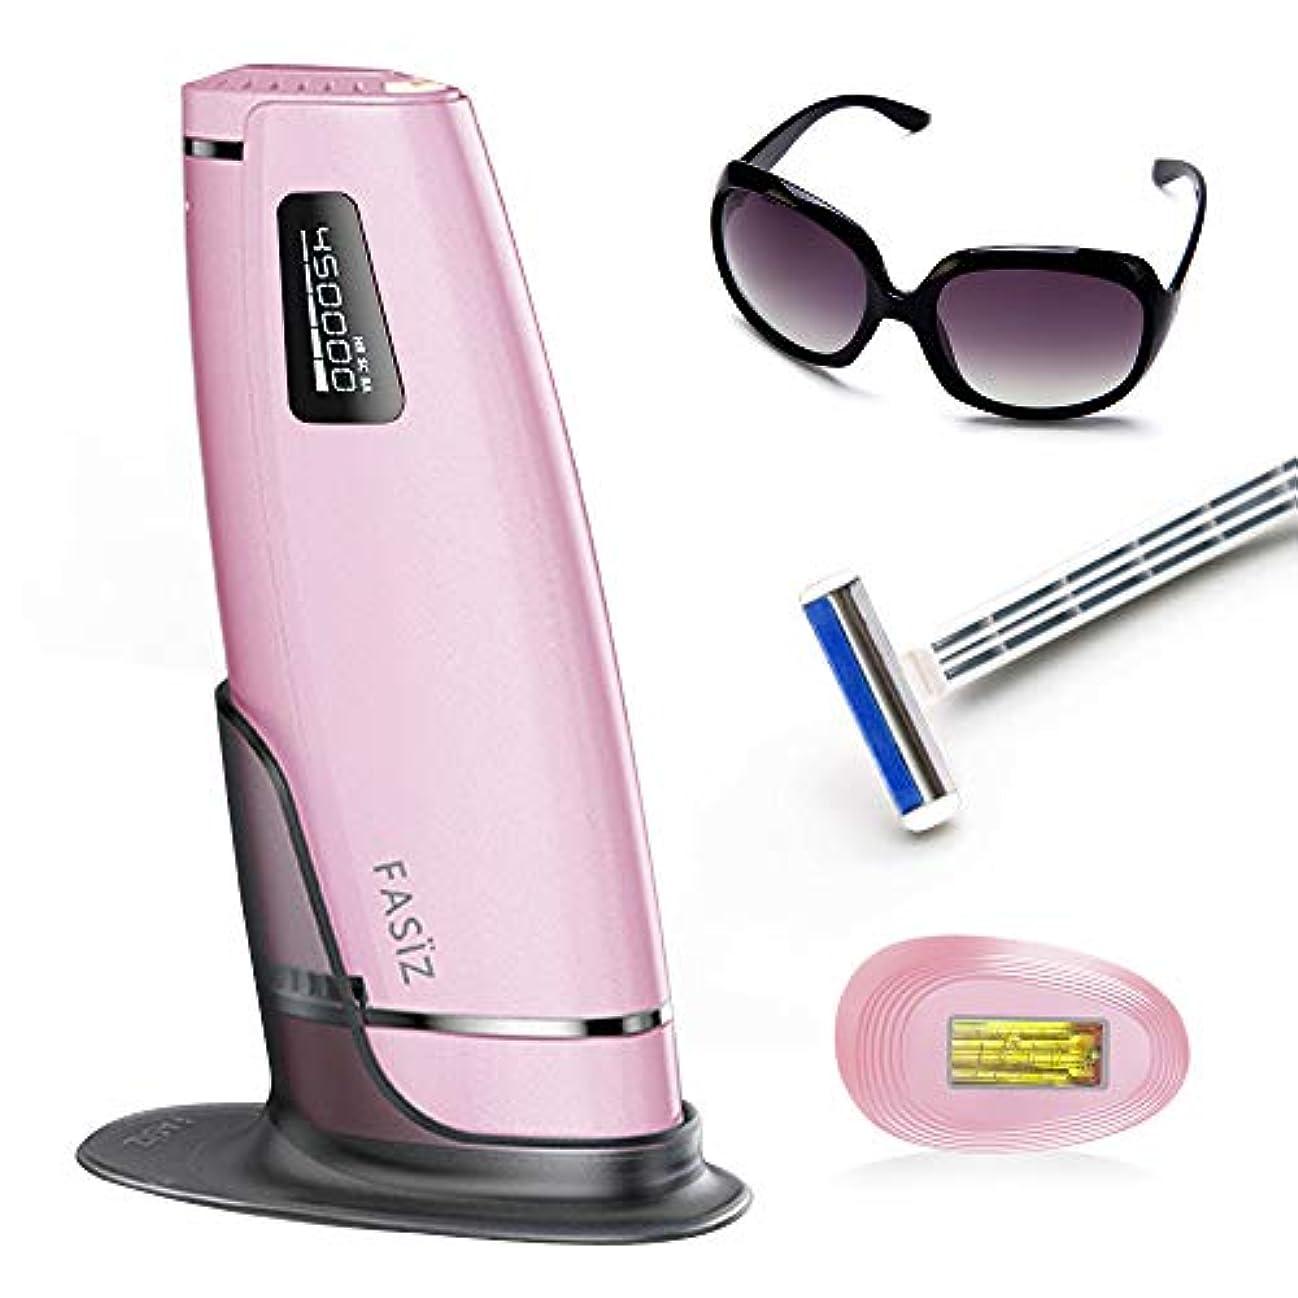 支配する信頼性のあるボイド脱毛器 レーザー 永久脱毛 - 全身用 メンズ レディース 液晶ディスプレイ 5段階調節可能 カートリッジ2つ 45万発(脱毛)+15万発(美肌) ピンク 2019新品販売